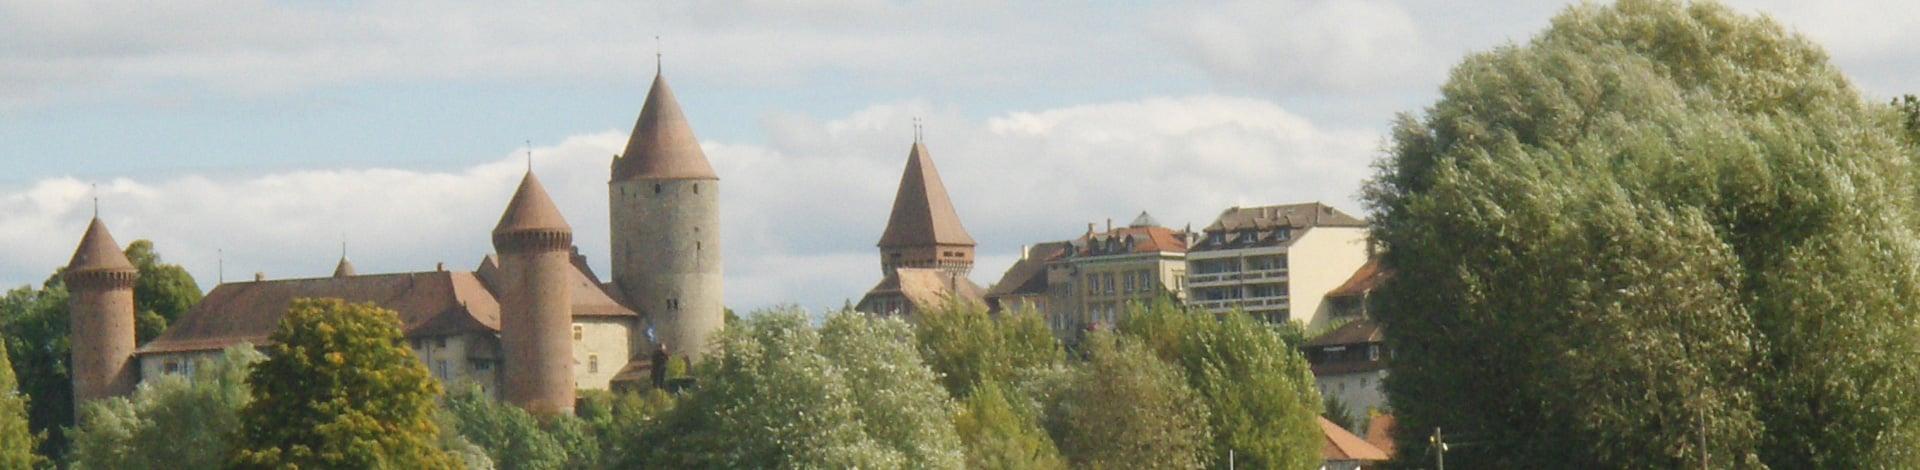 il castello di Broye-Nord Vaudoise